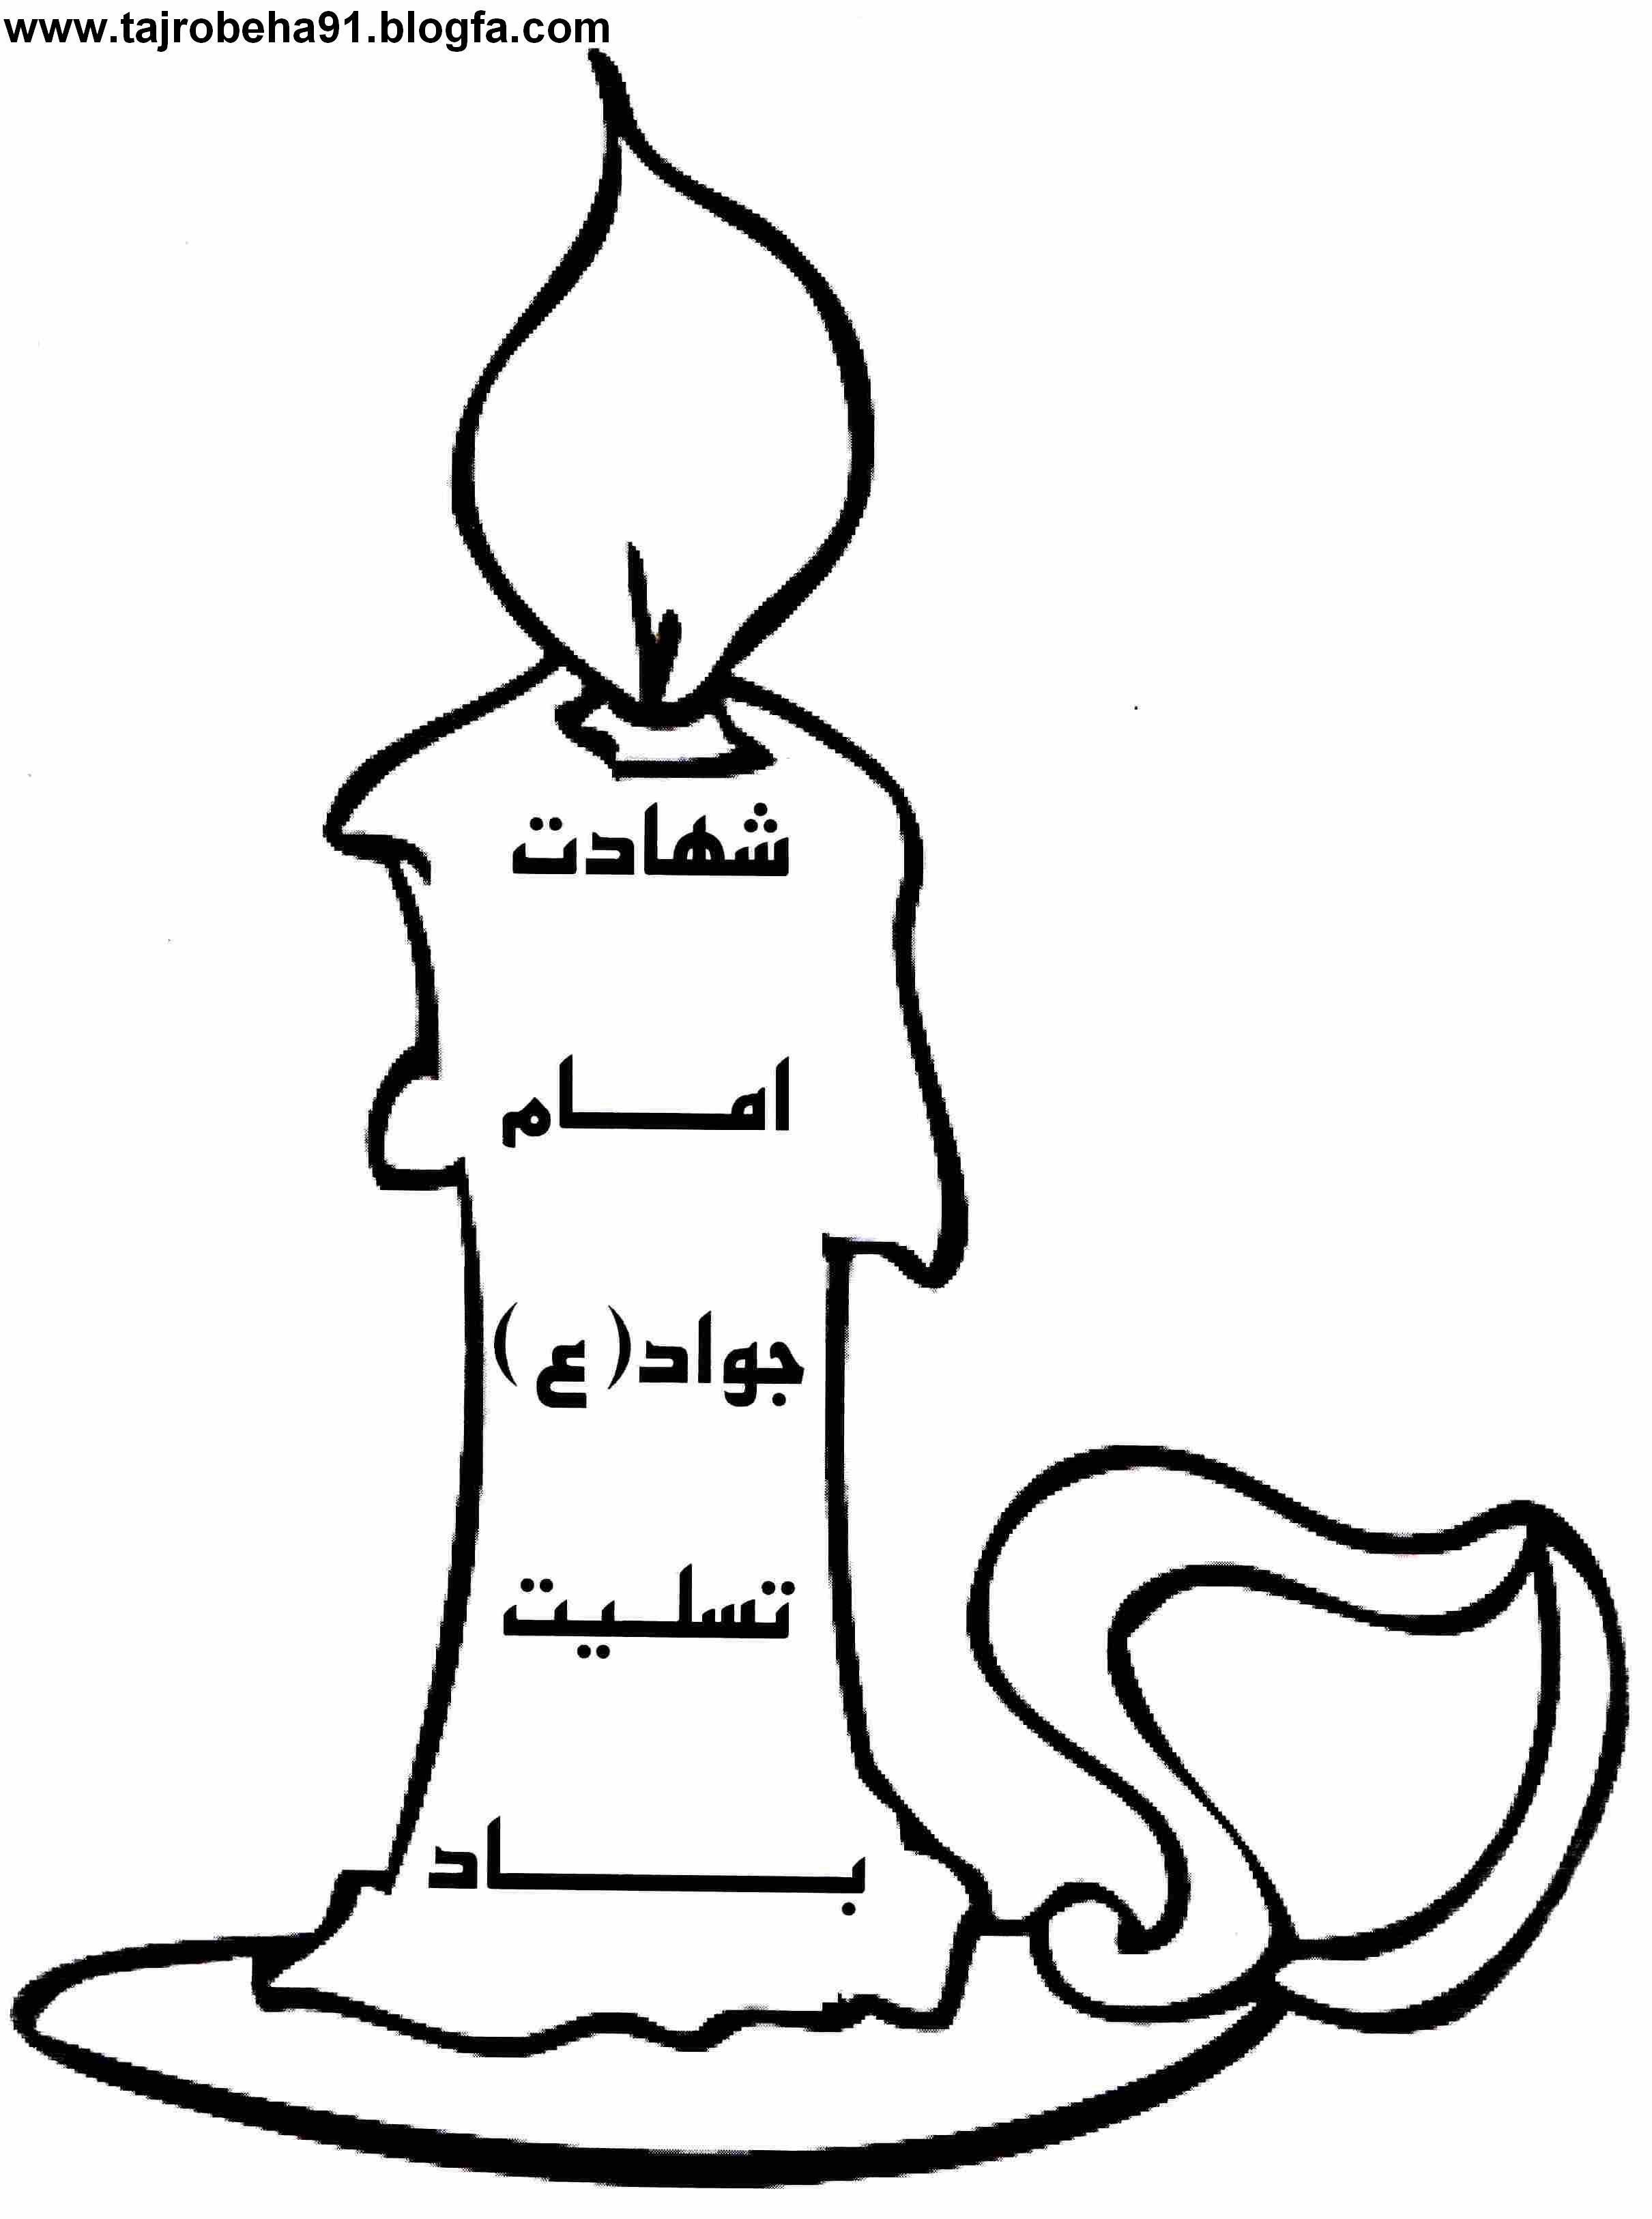 نتیجه تصویری برای شهادت امام جواد کودکانه